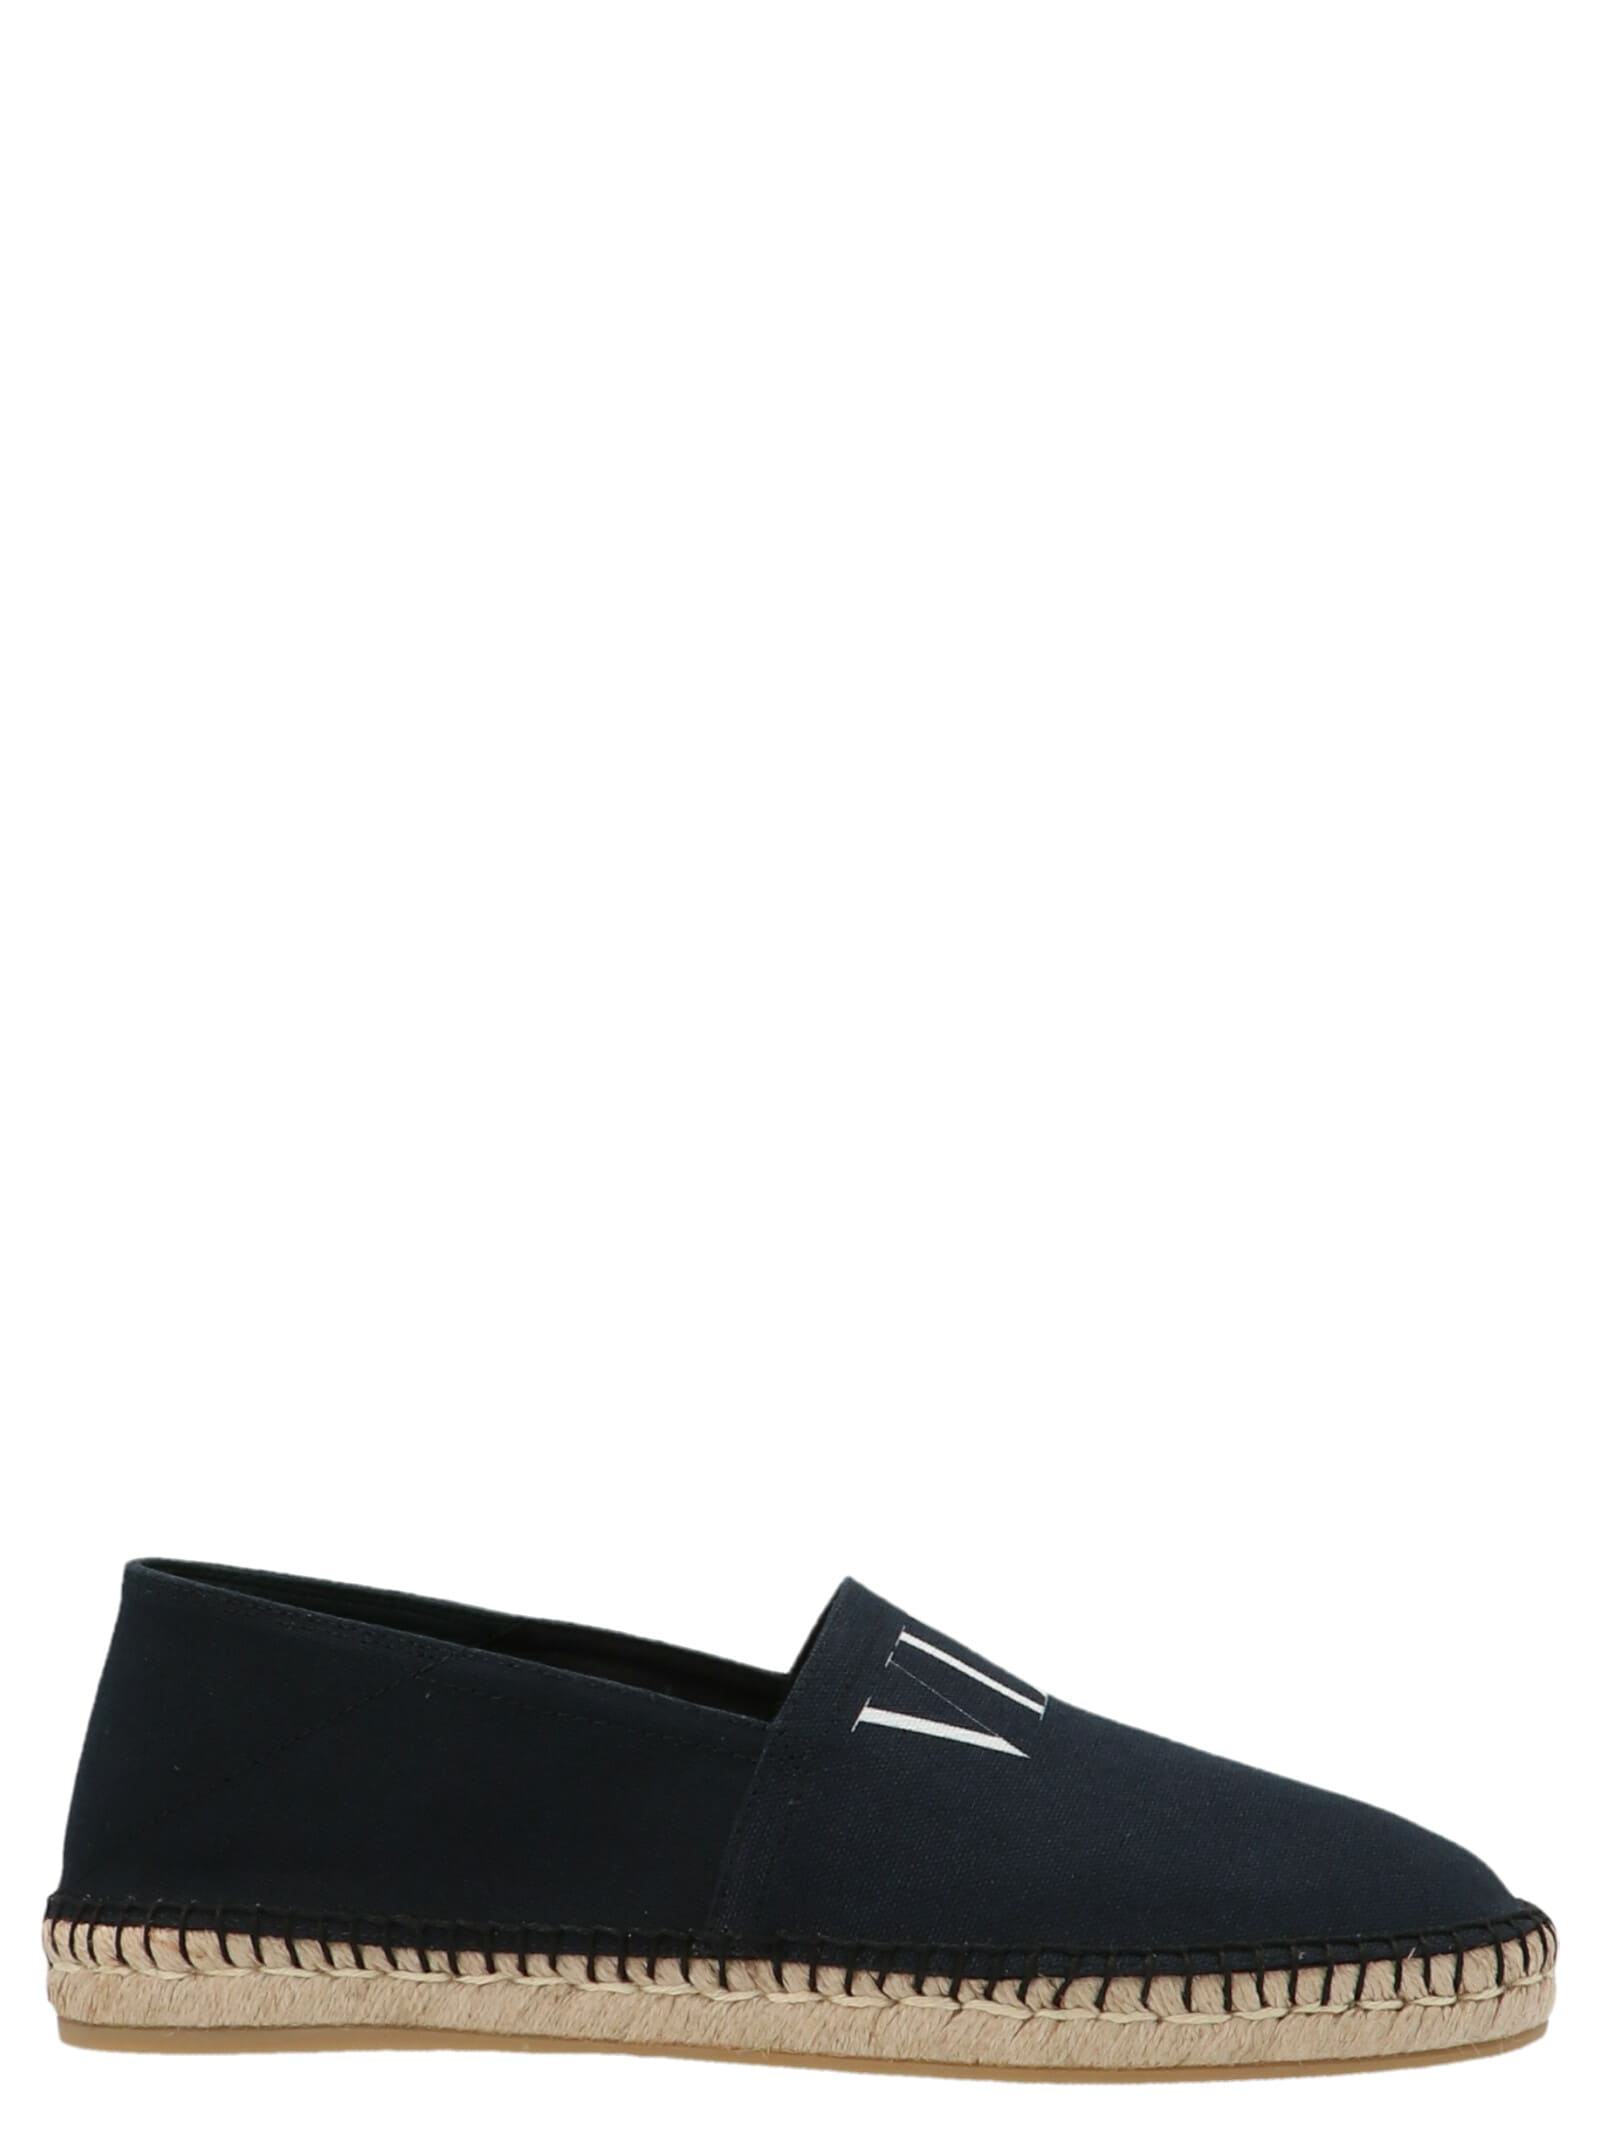 Valentino Garavani Shoes